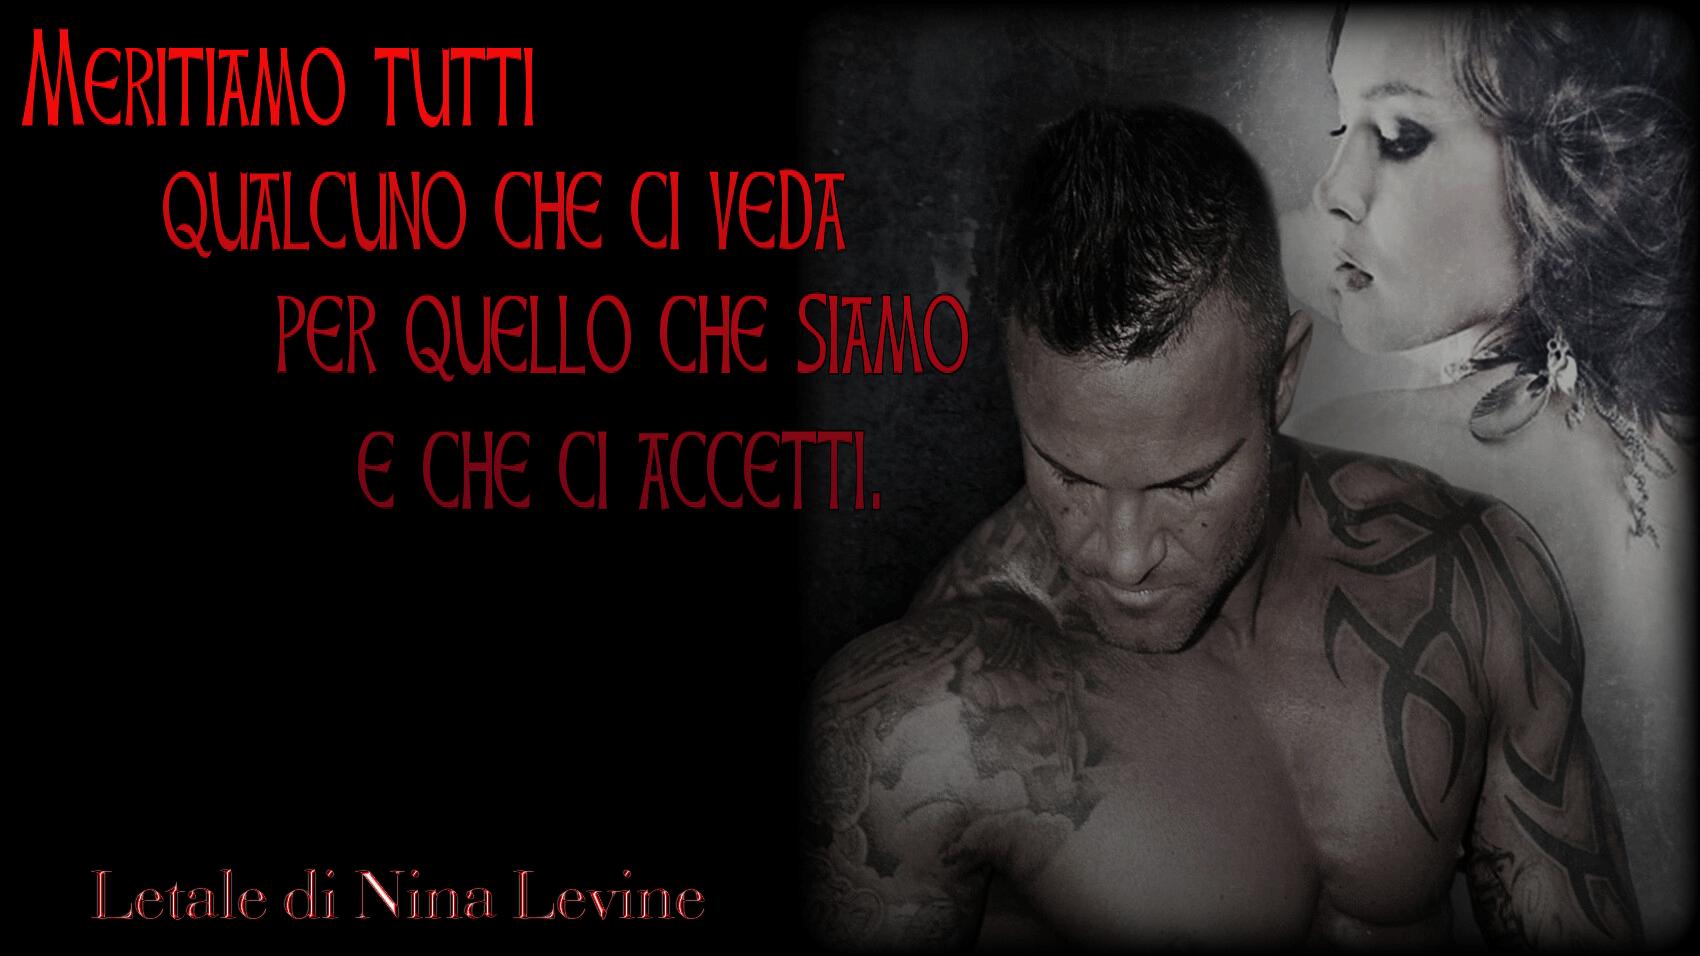 Letale-di-Nina-Levine